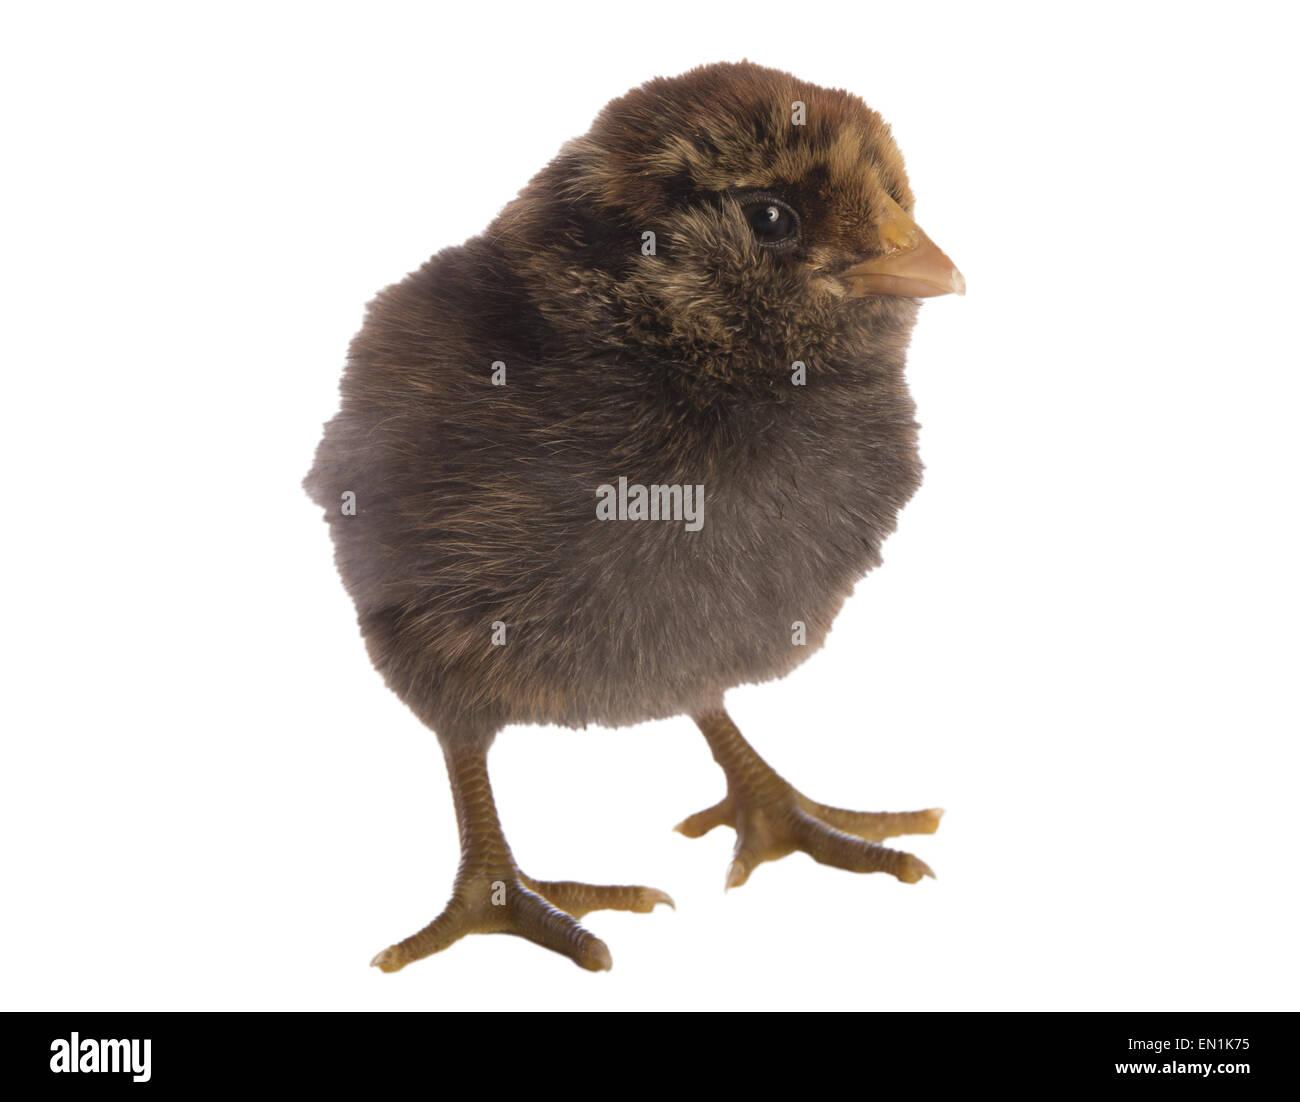 Dark Ameraucana chick isolated - Stock Image